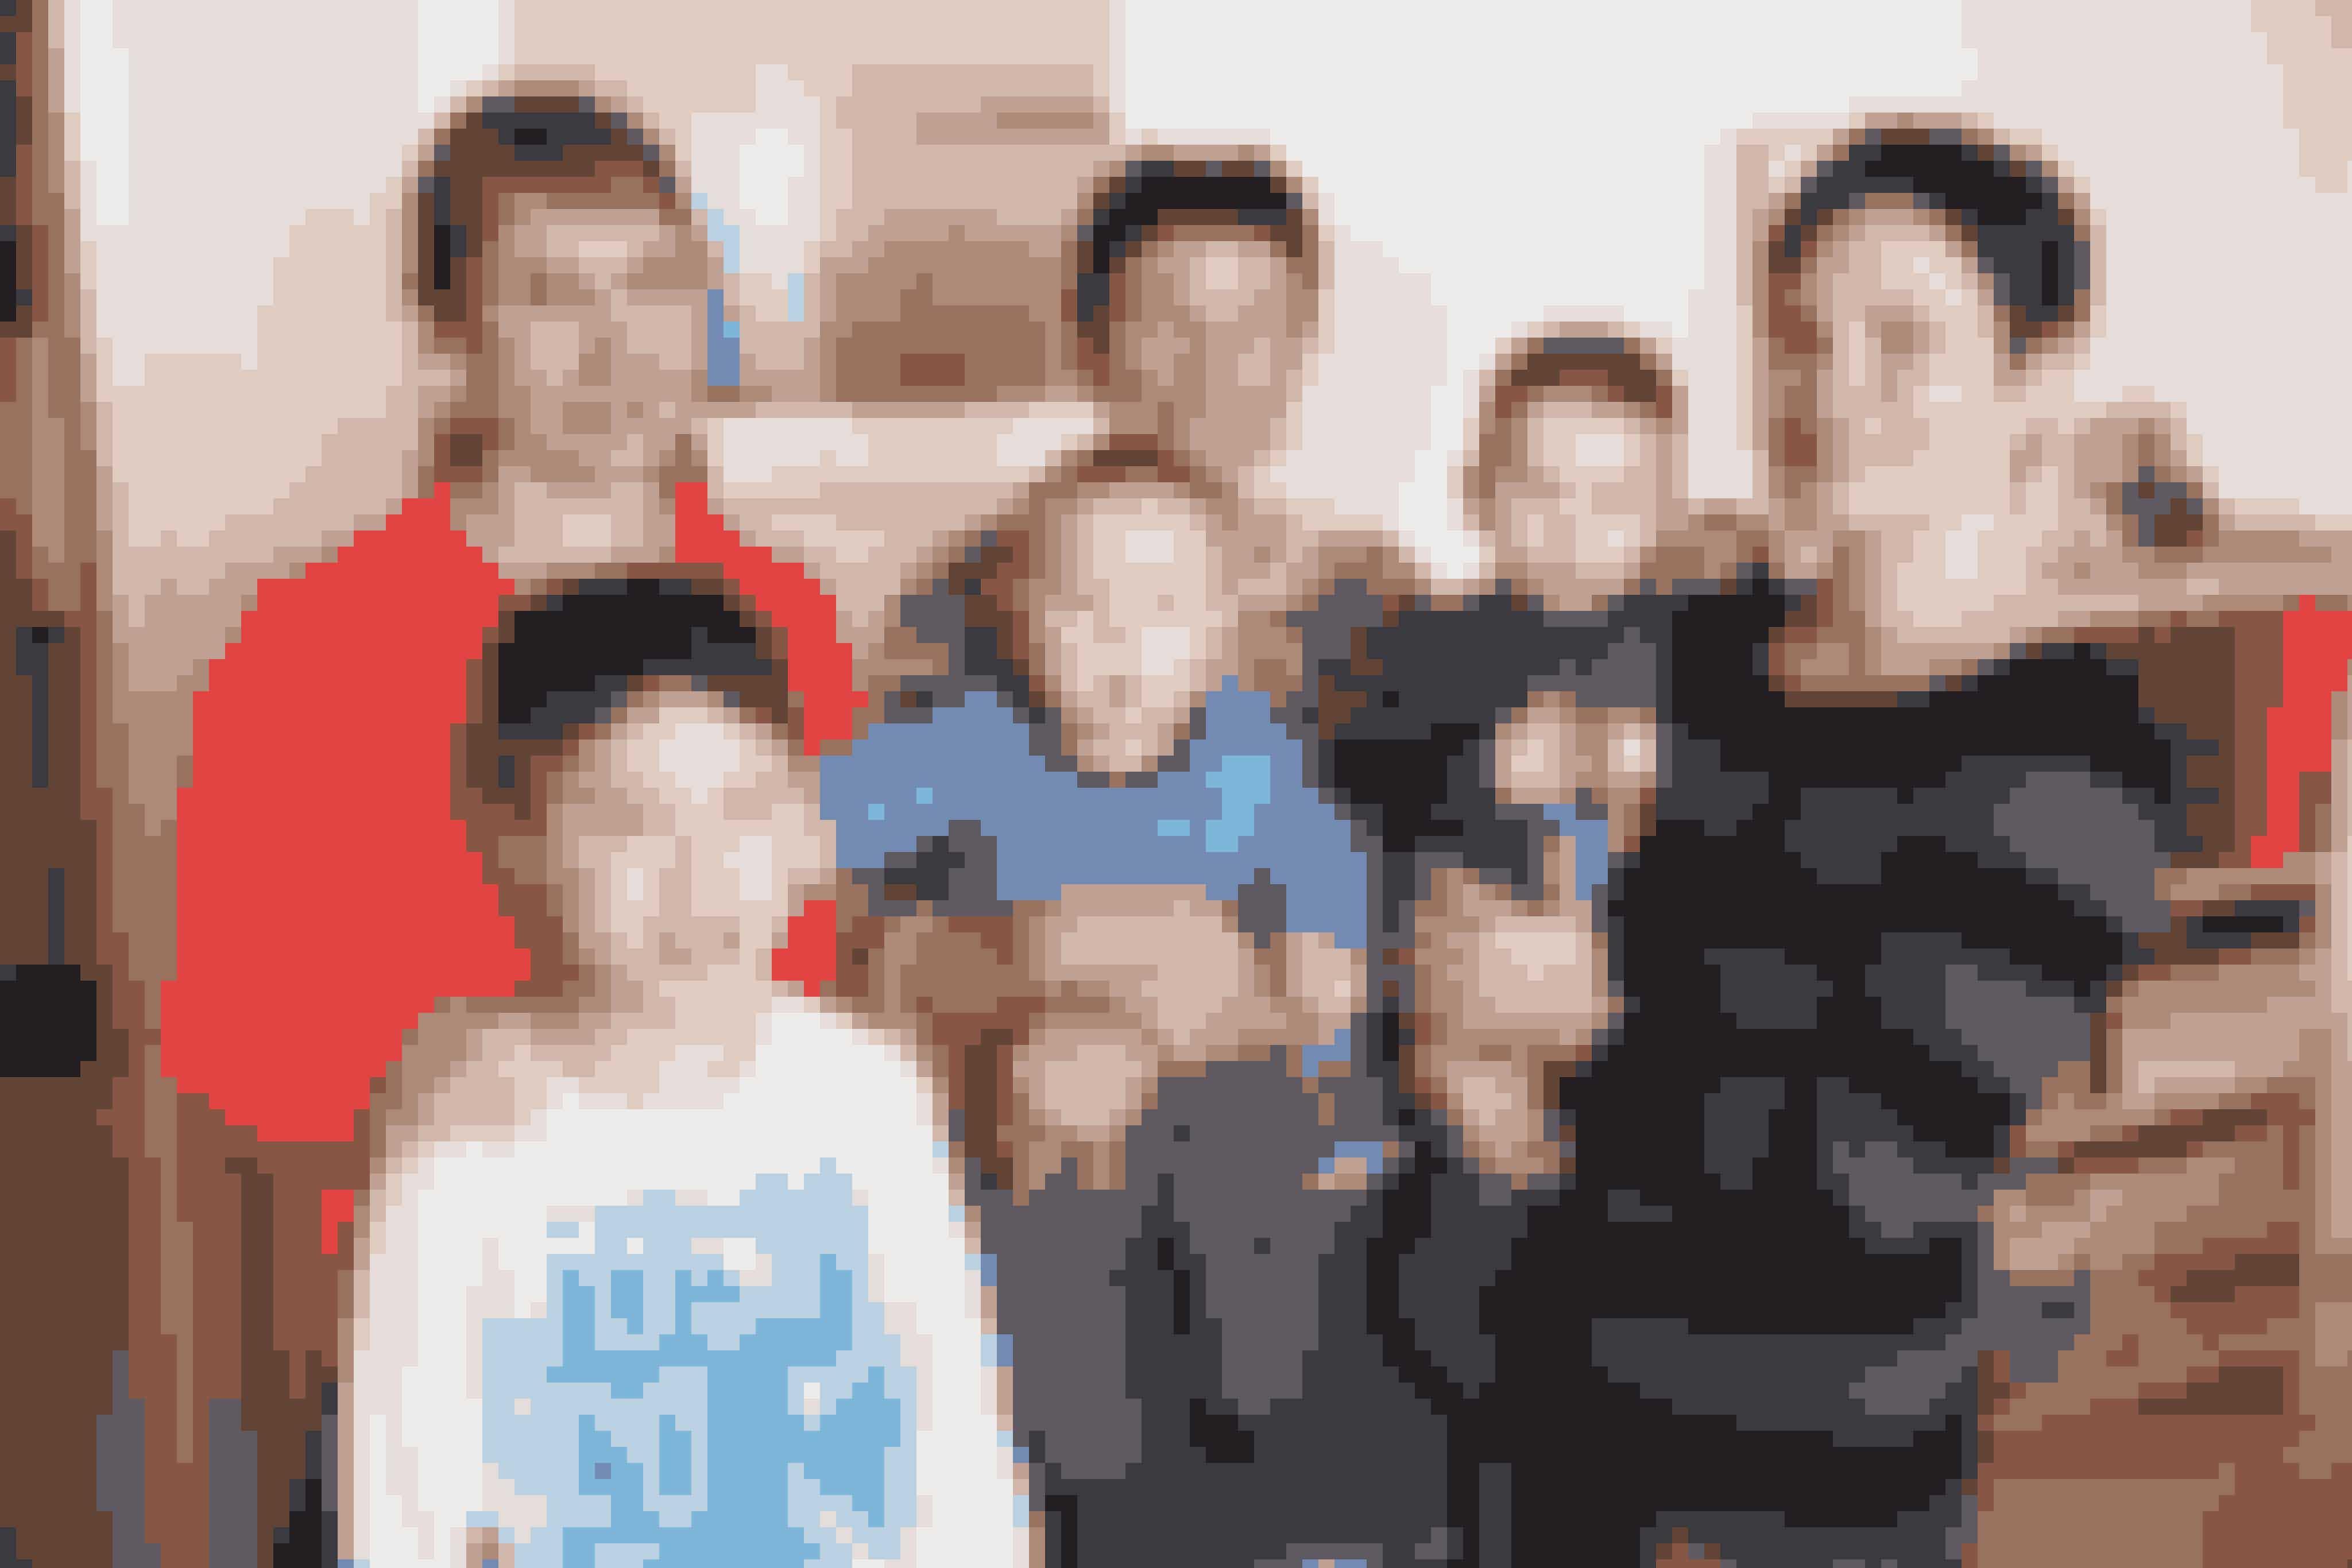 Johanne Bech begyndte som tandtekniker og frisør. Men siden har den 61-årige kvinde skiftet branche. Hun er i dag en af ganske få kvindelige fangere i Grønland. Ude og Hjemme tog med hende ud i vildmarken sammen med en slæde og 15 hunde. Her er hun med sine to døtre og tre børnebørn i hjemmet i Sisimiut.